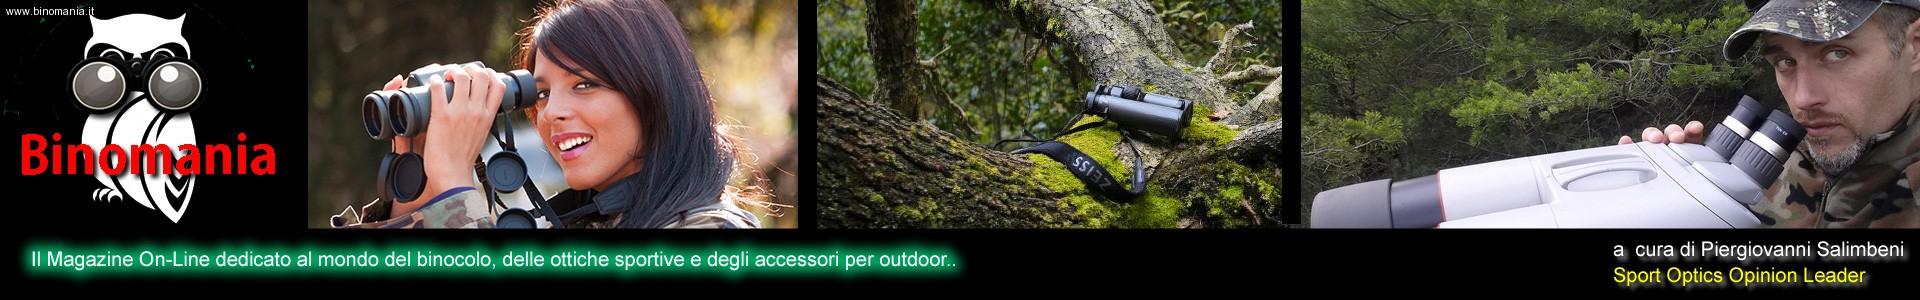 Binomania.it. Recensioni di binocoli, spotting scopes, telemetri, visori notturni e accessori per l'outdoor.